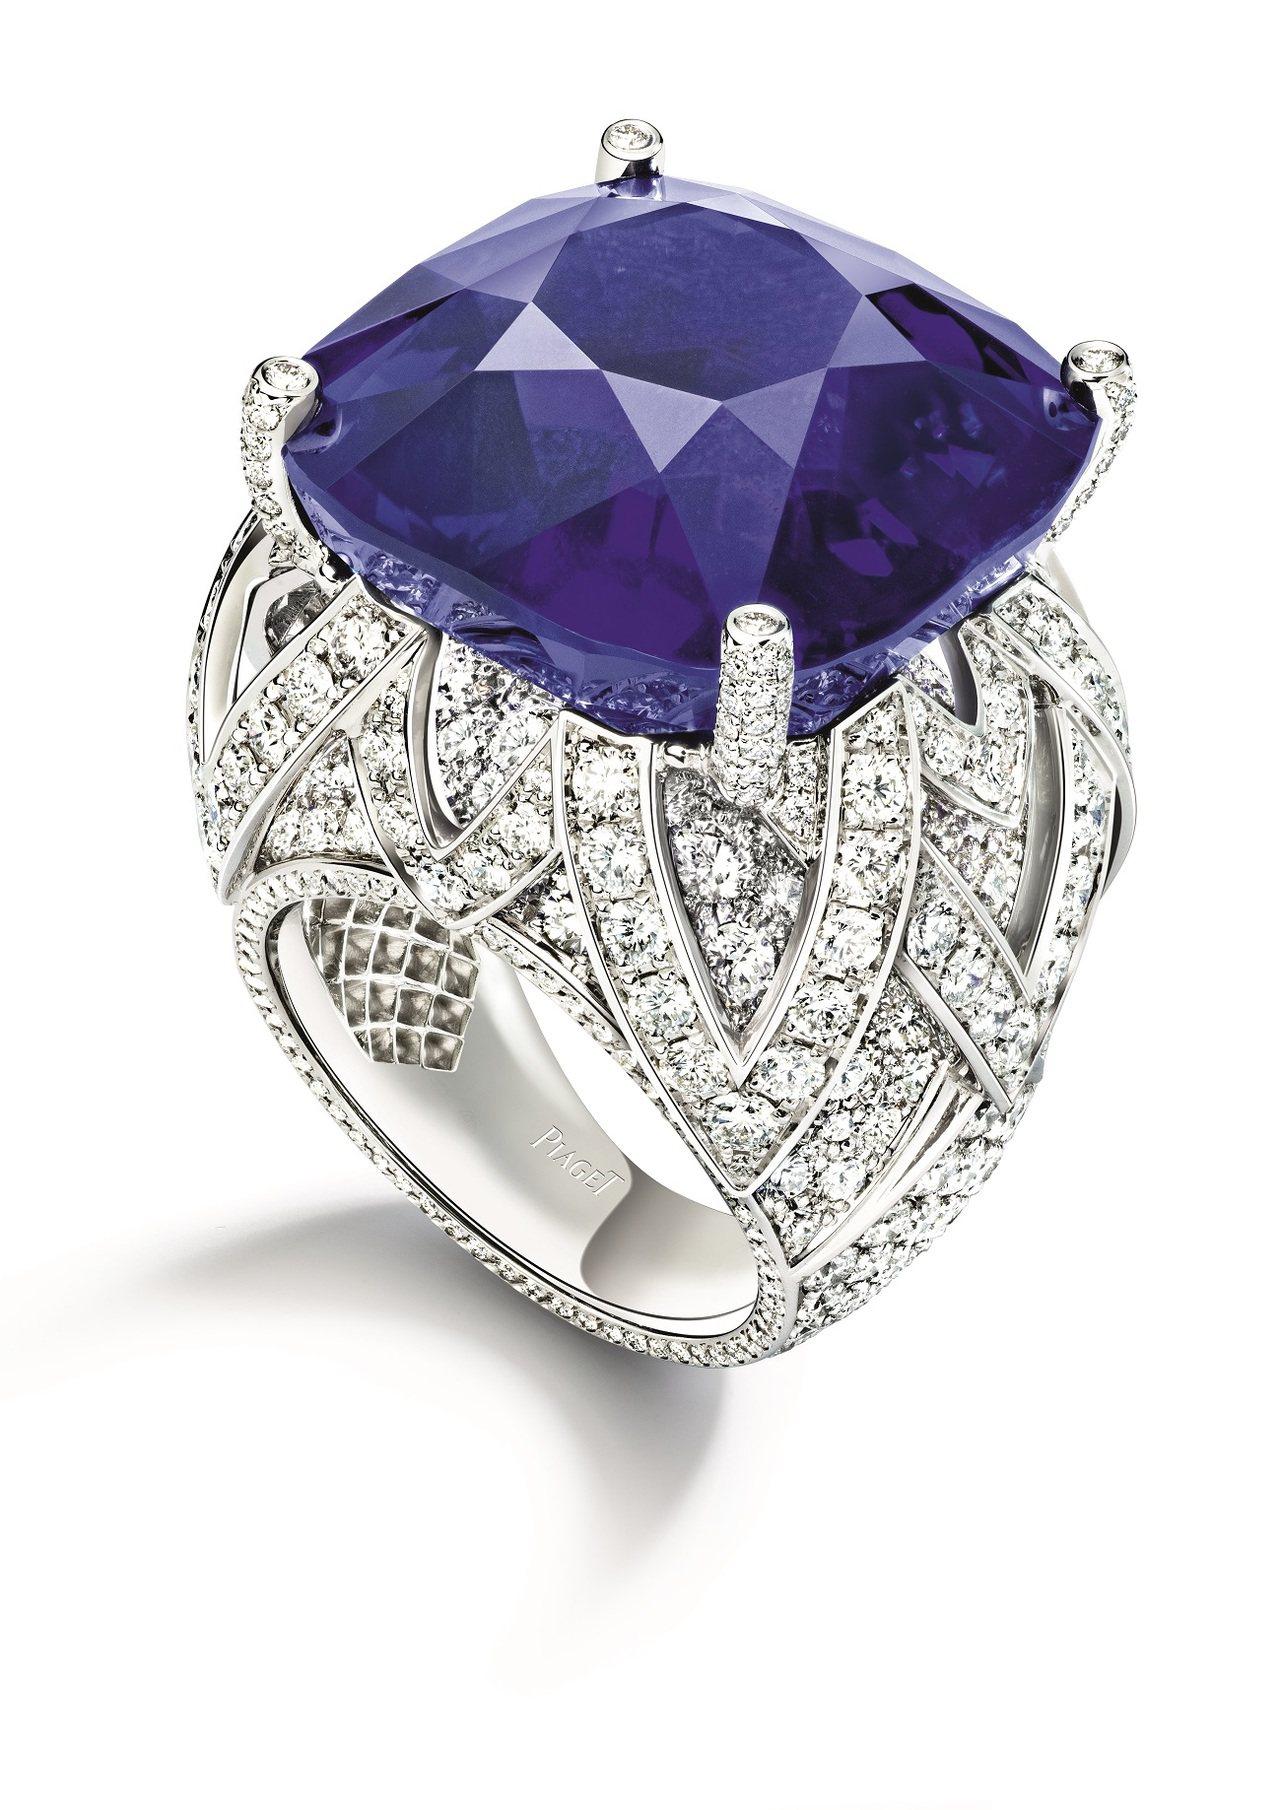 台北101周年慶獨家伯爵緬甸藍寶石鑽戒,重達53.44克拉皇家藍藍寶石戒指,2....